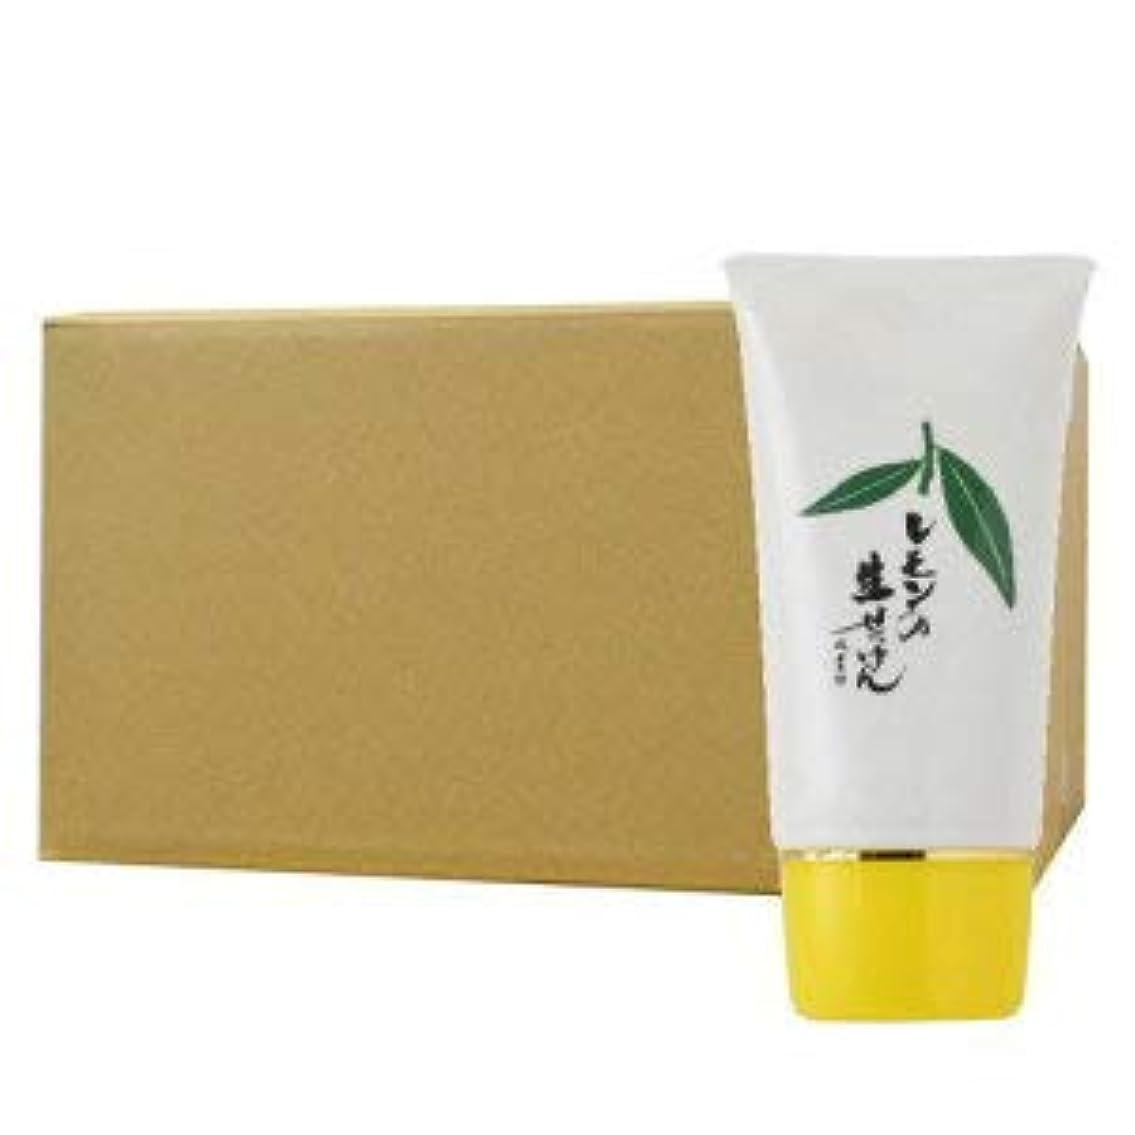 統治するくるみチェスUYEKI美香柑レモンの生せっけん70g×60個セット